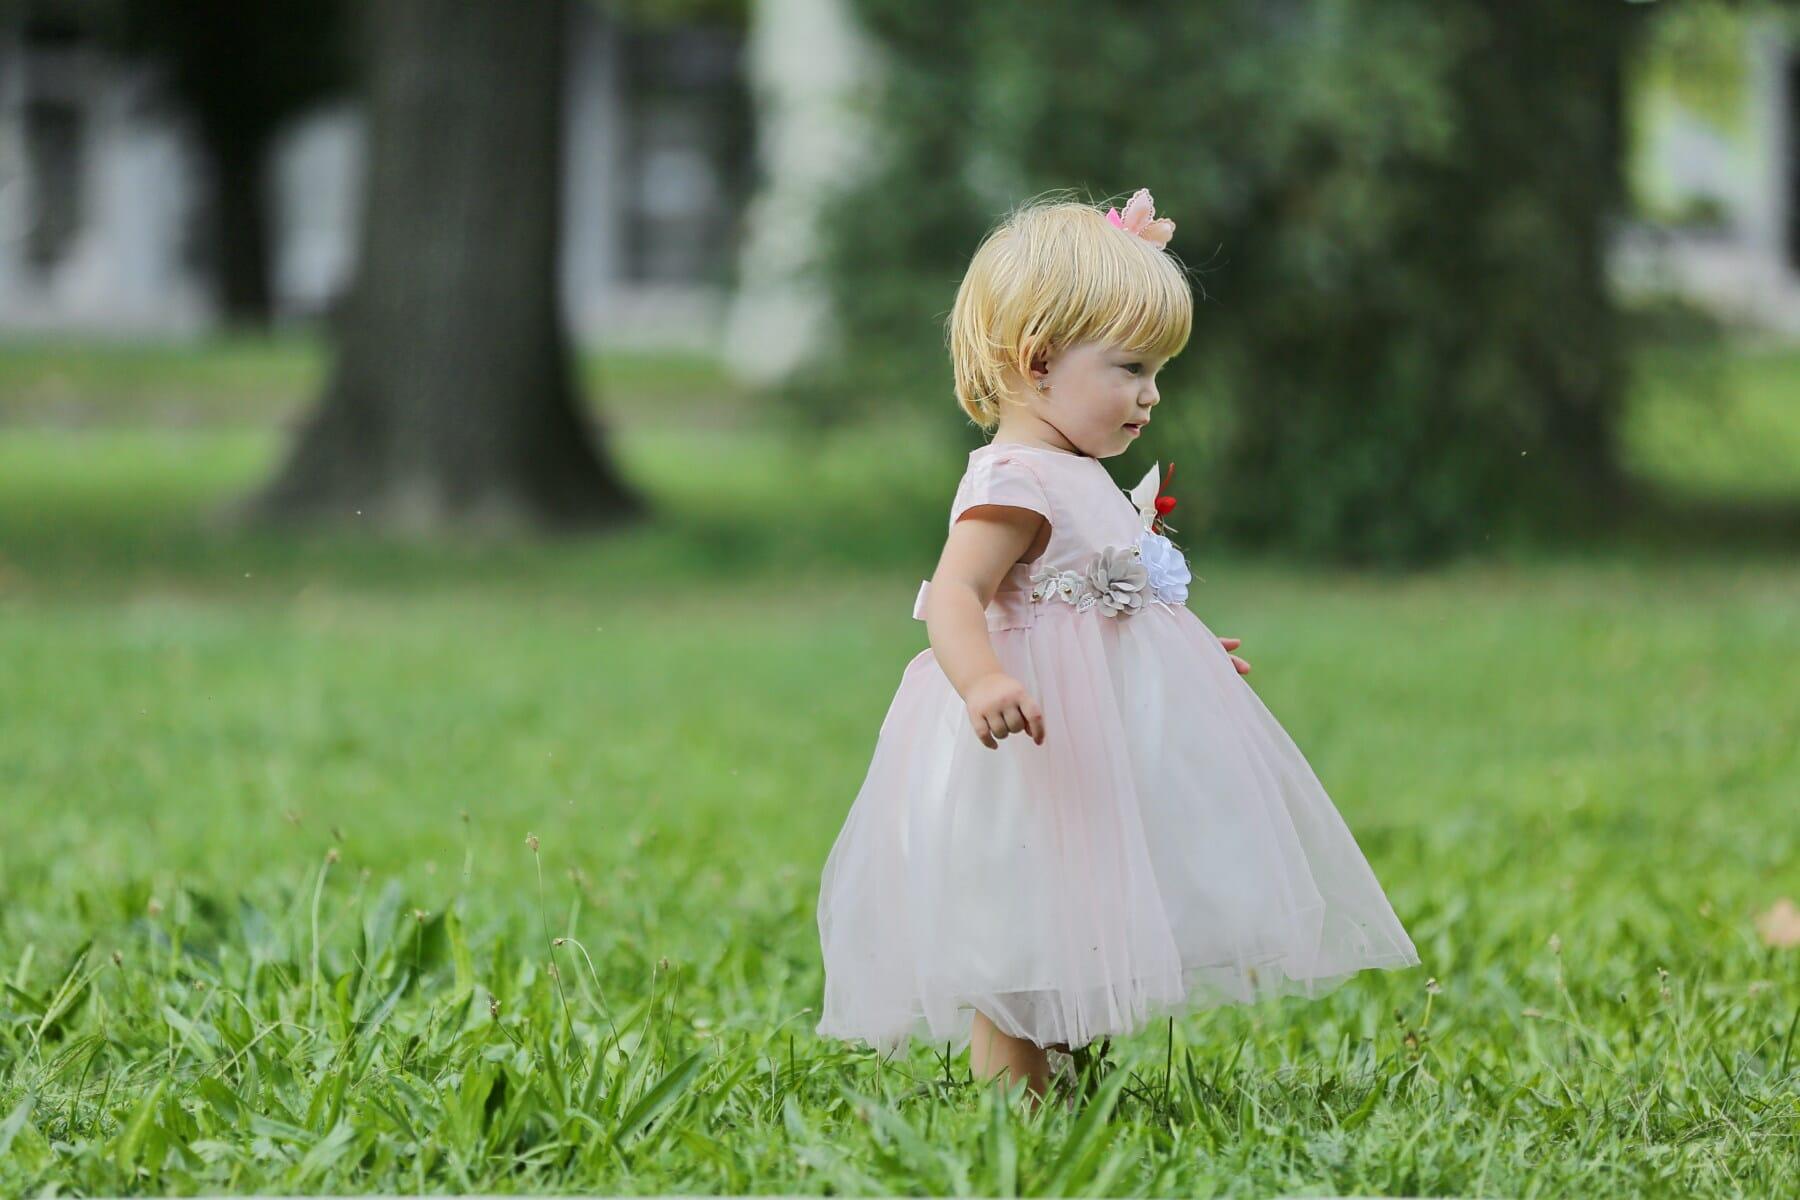 cheveux blonds, enfant en bas âge, Jolie fille, pelouse, l'herbe verte, marche, herbe, robe, enfant, marié